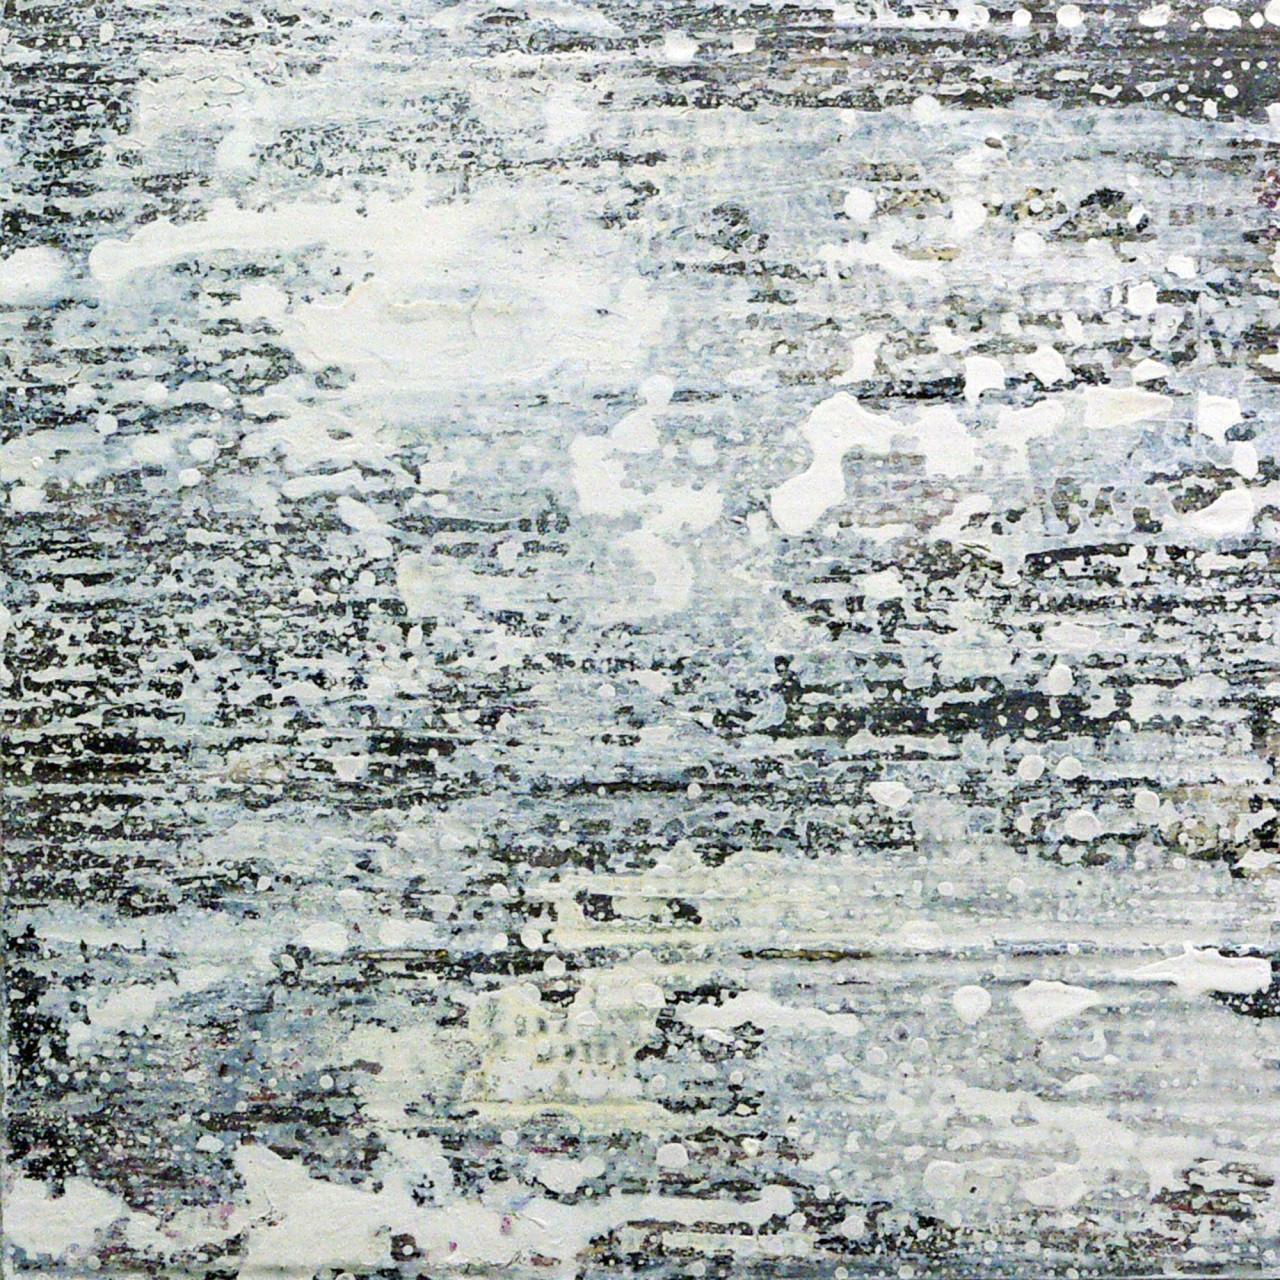 658, 2015 olio e smalto su cartone su tavola 30x30 cm